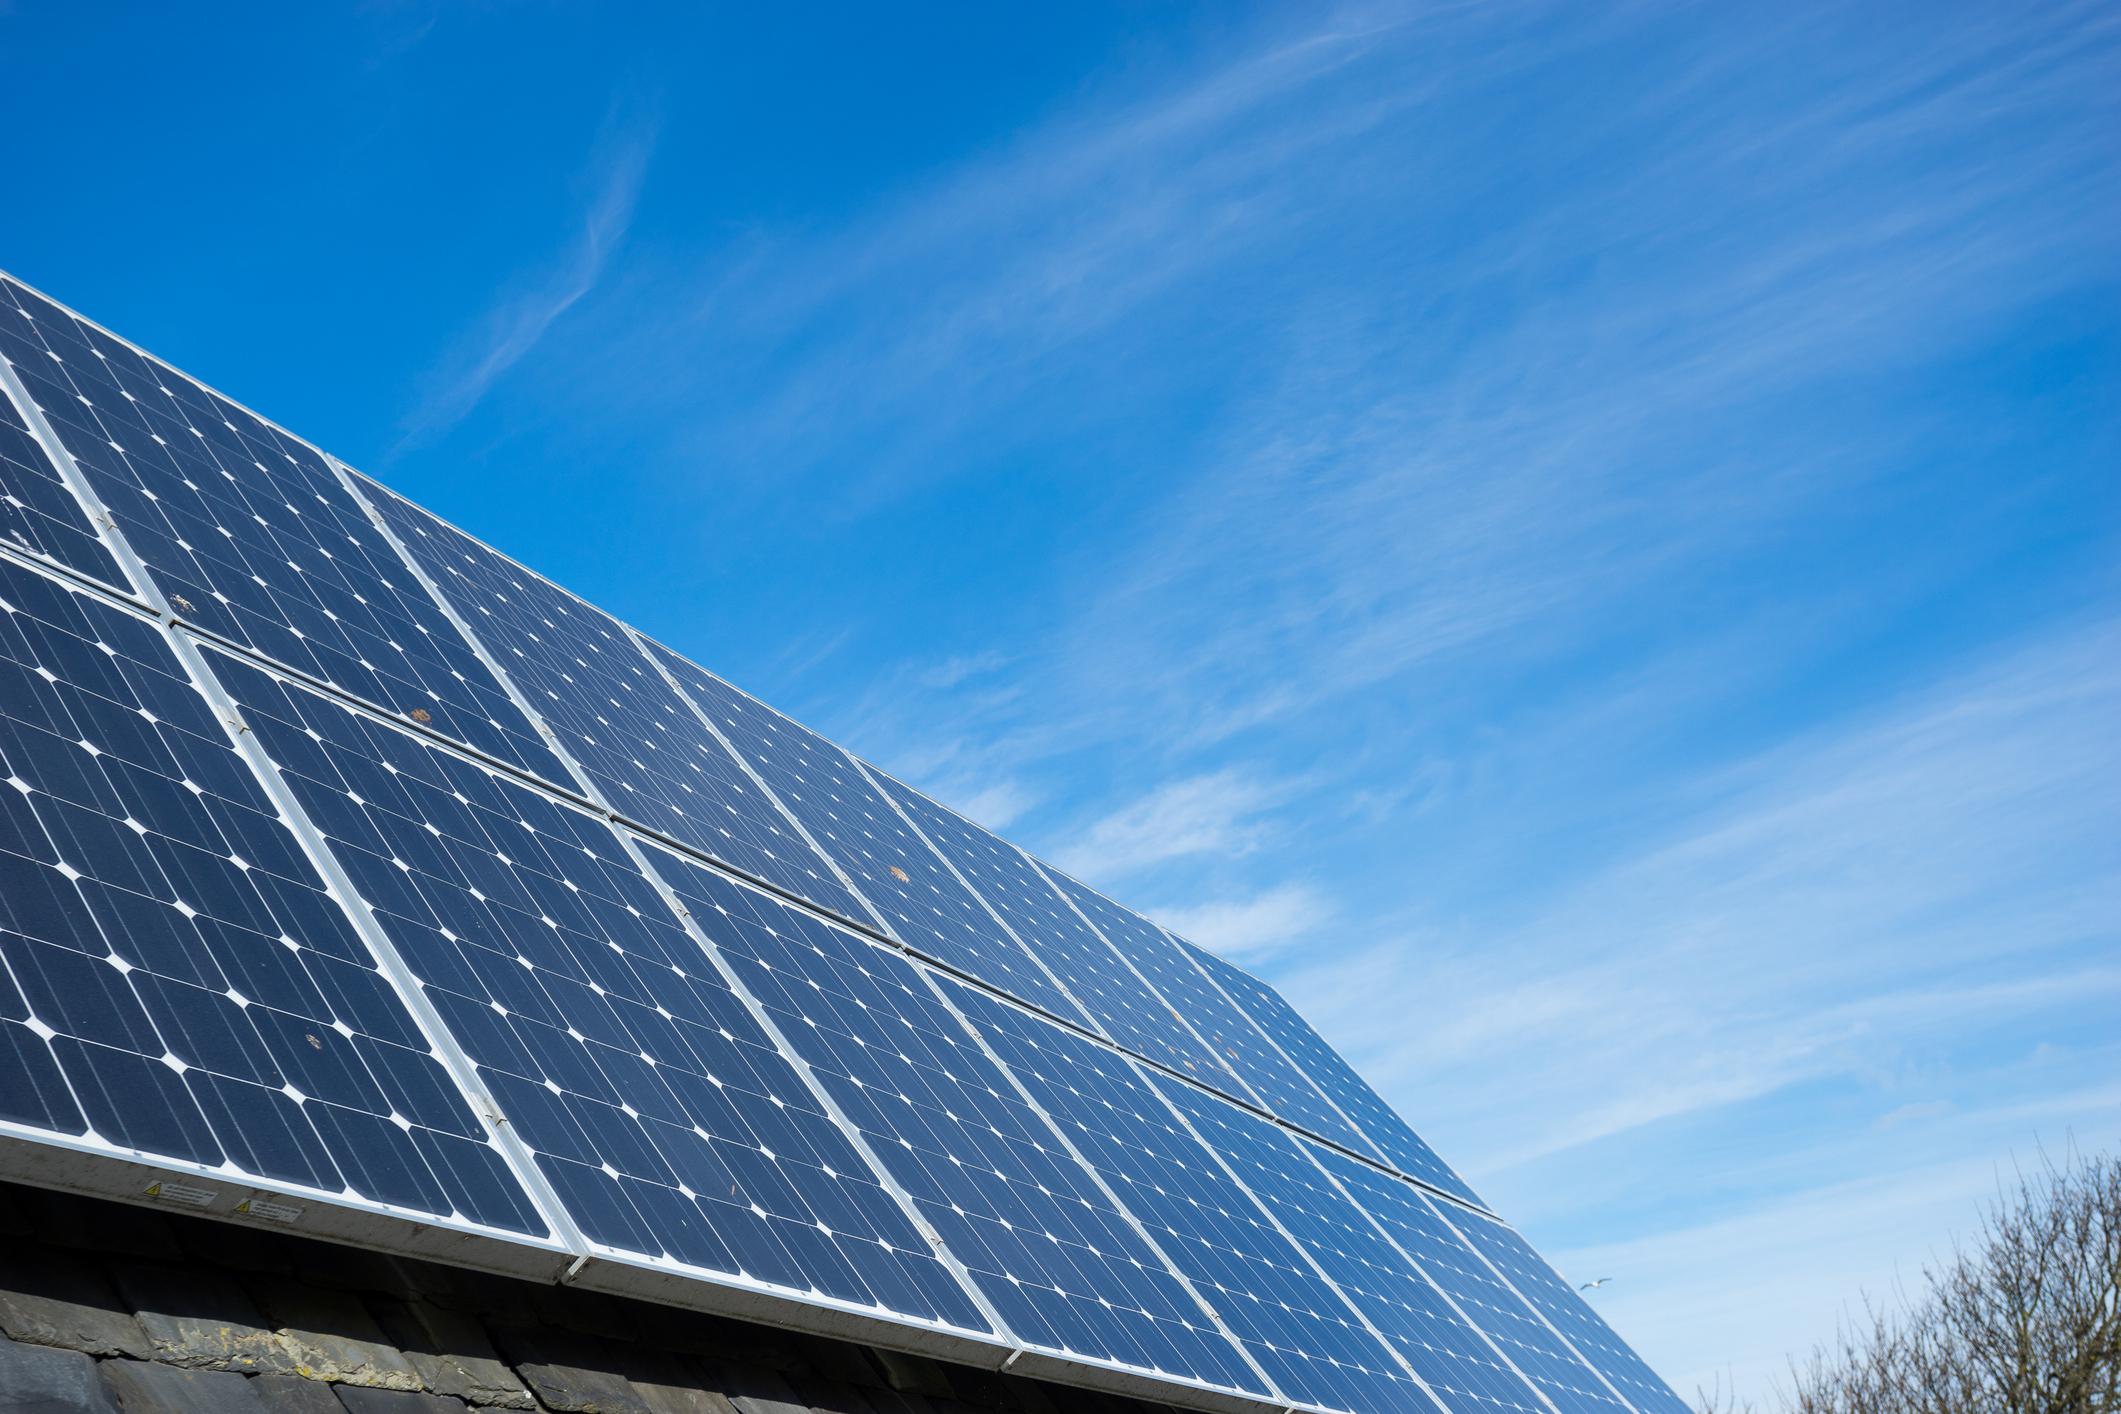 Solar array on a rooftop.